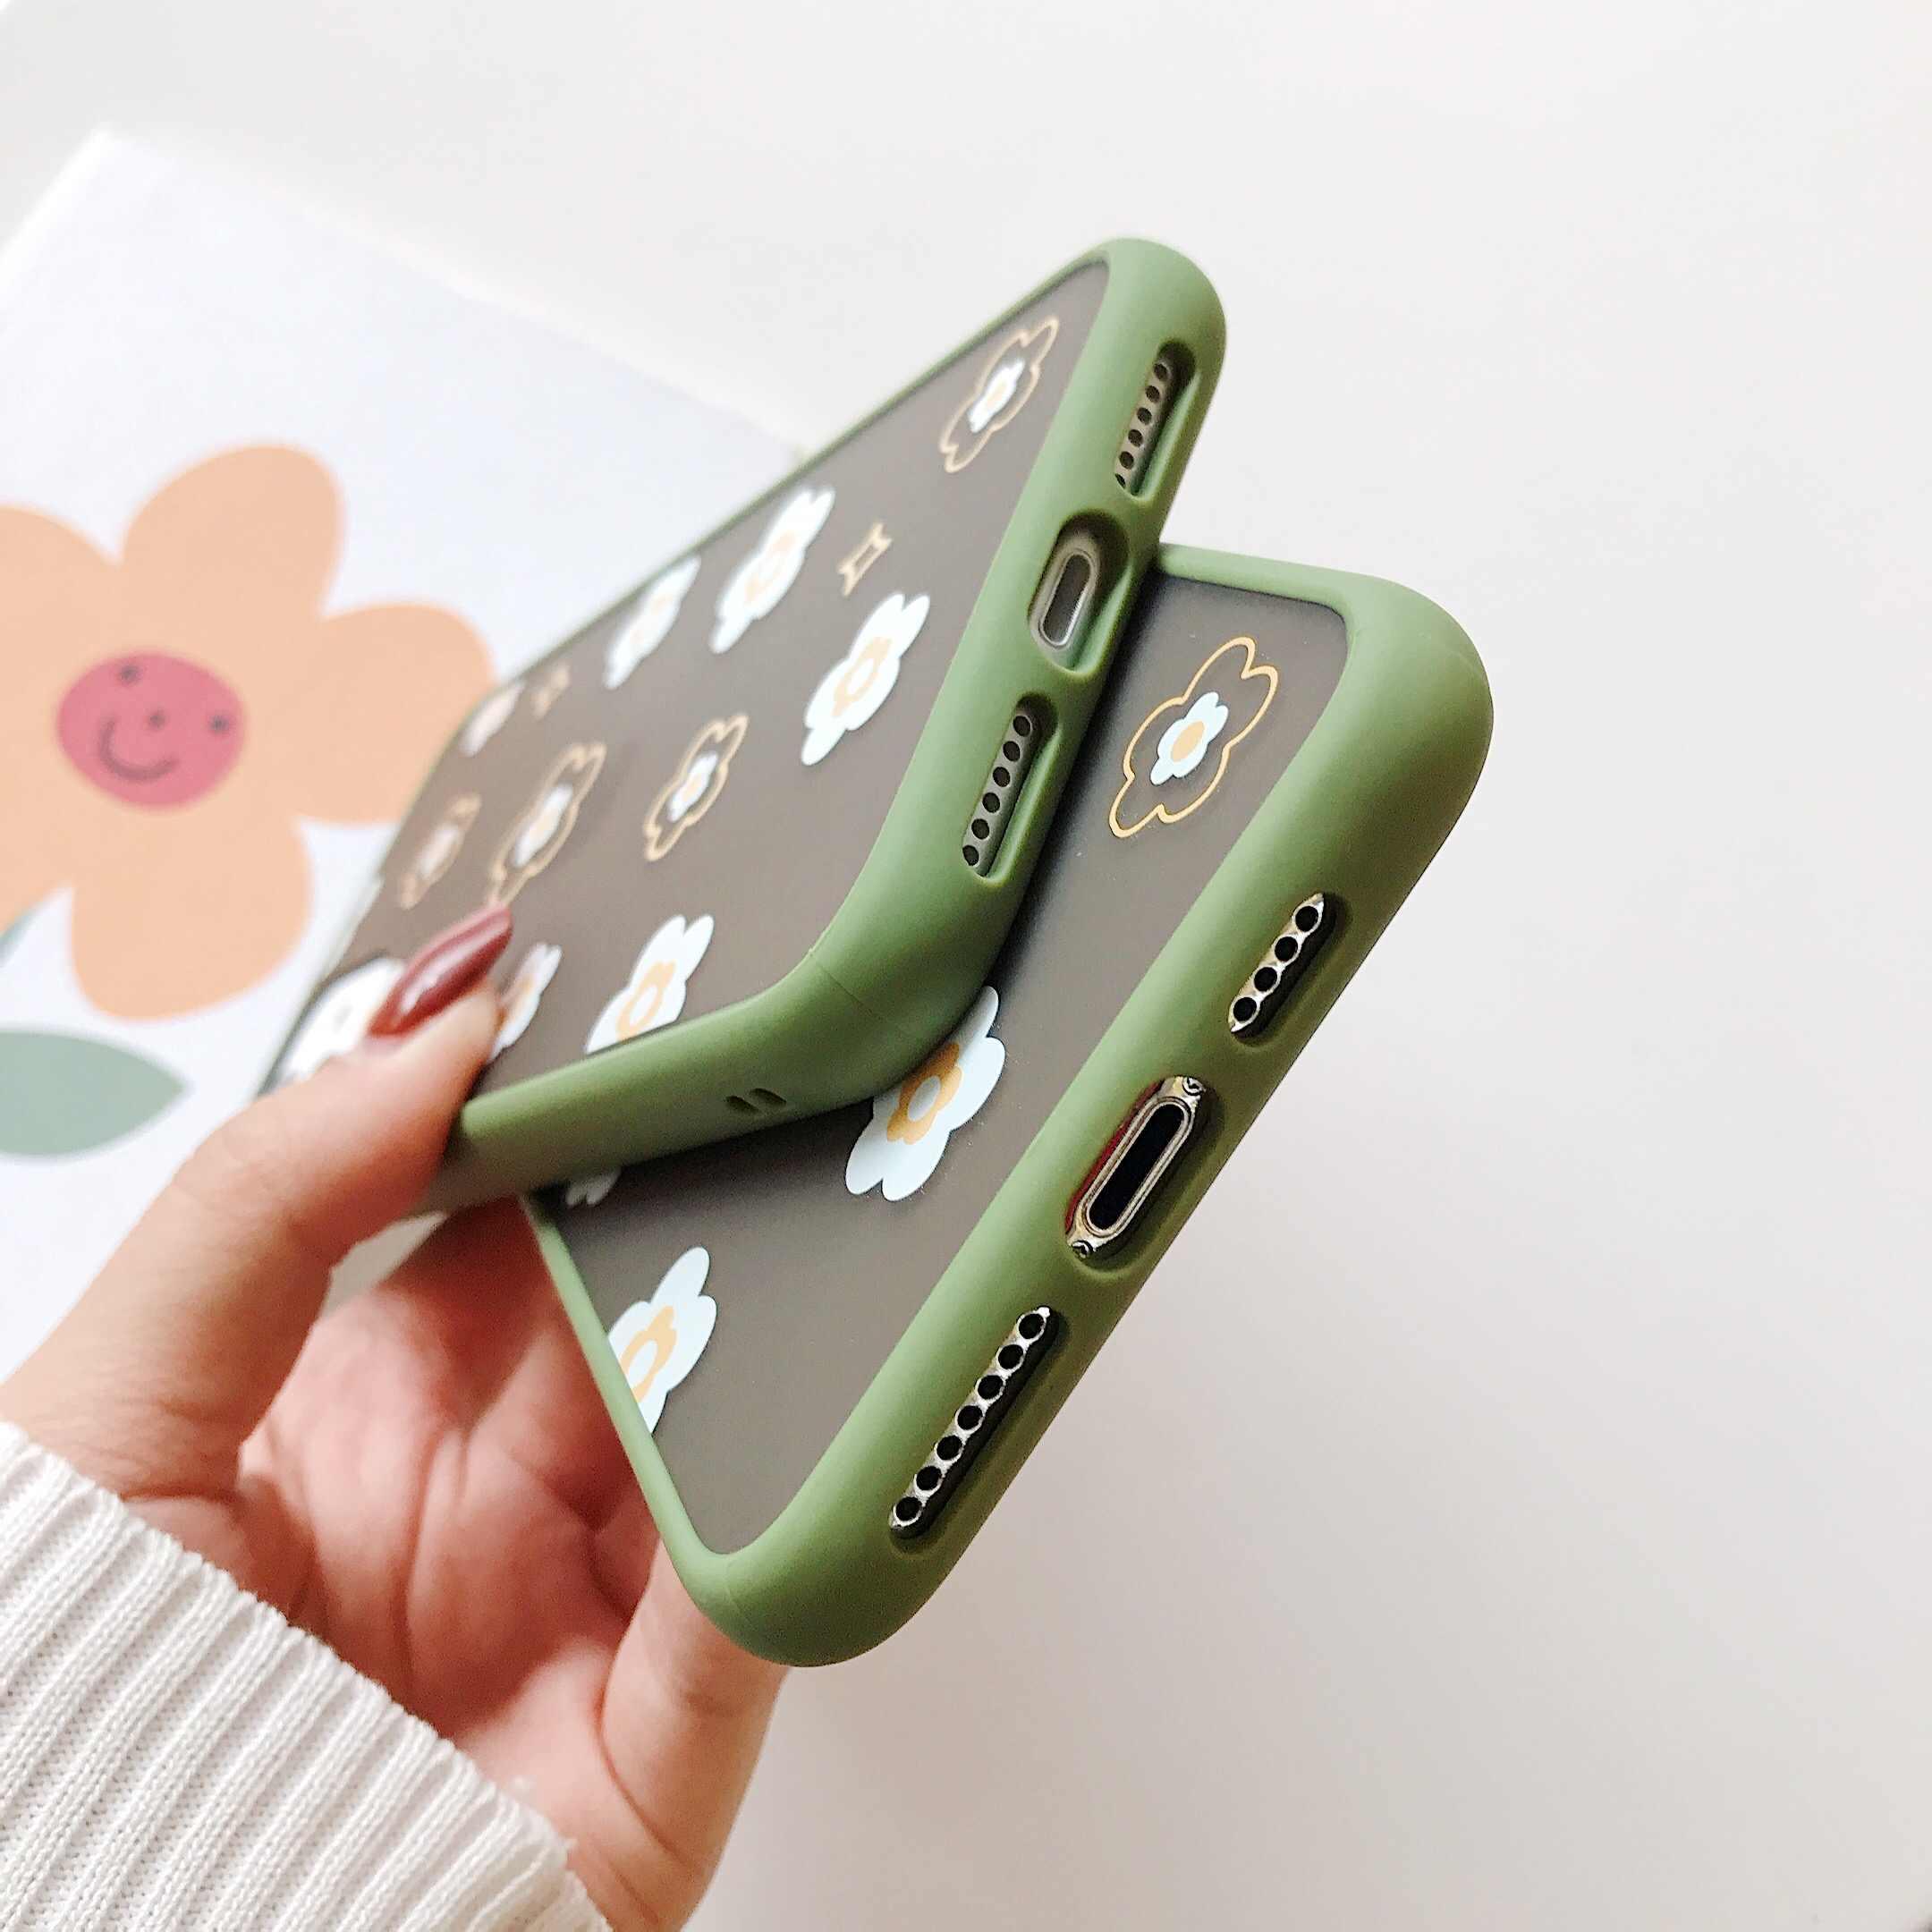 פרחי טלפון כיסוי מקרה עבור Huawei P40 P30 P20 פרו לייט Mate 30 20 כבוד 8X 20 פרו 10 לייט נובה 3i 5 5i פרו V30 מקרה מט מקרה